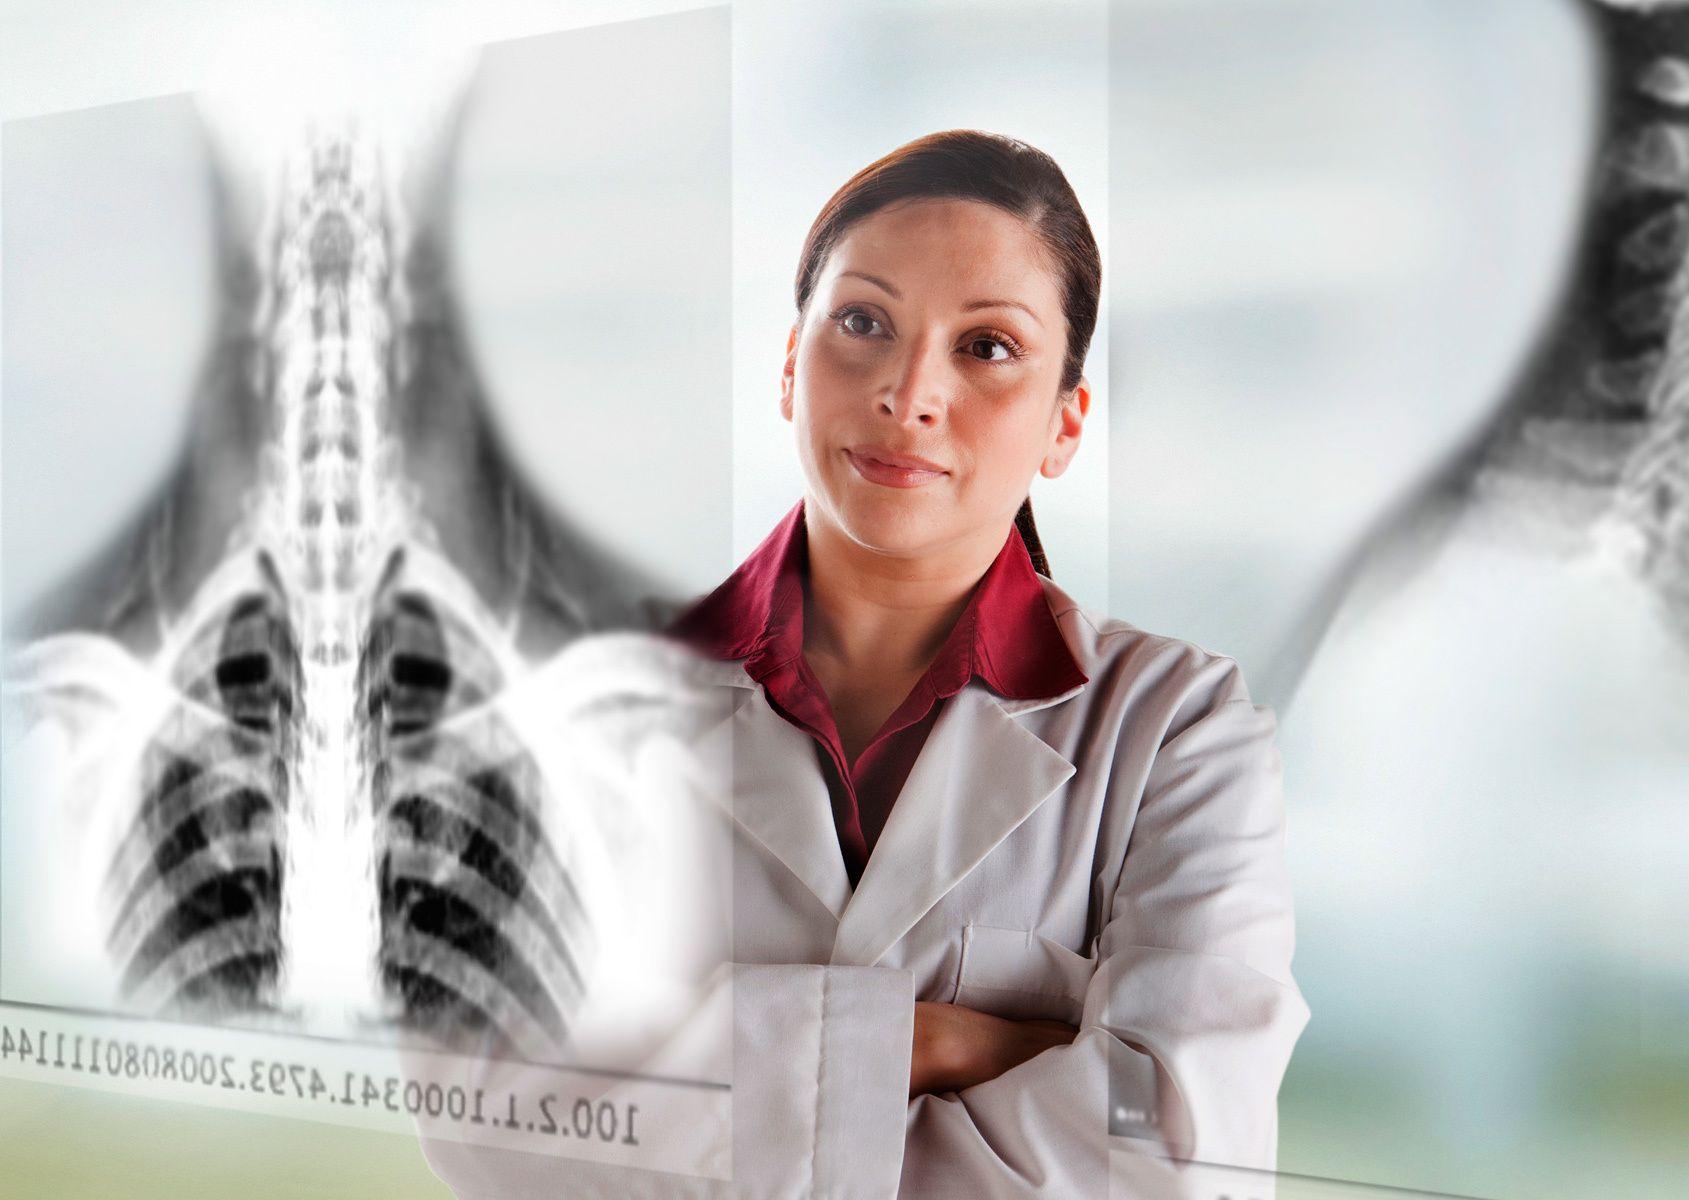 1r5_medical_1800_72dpi